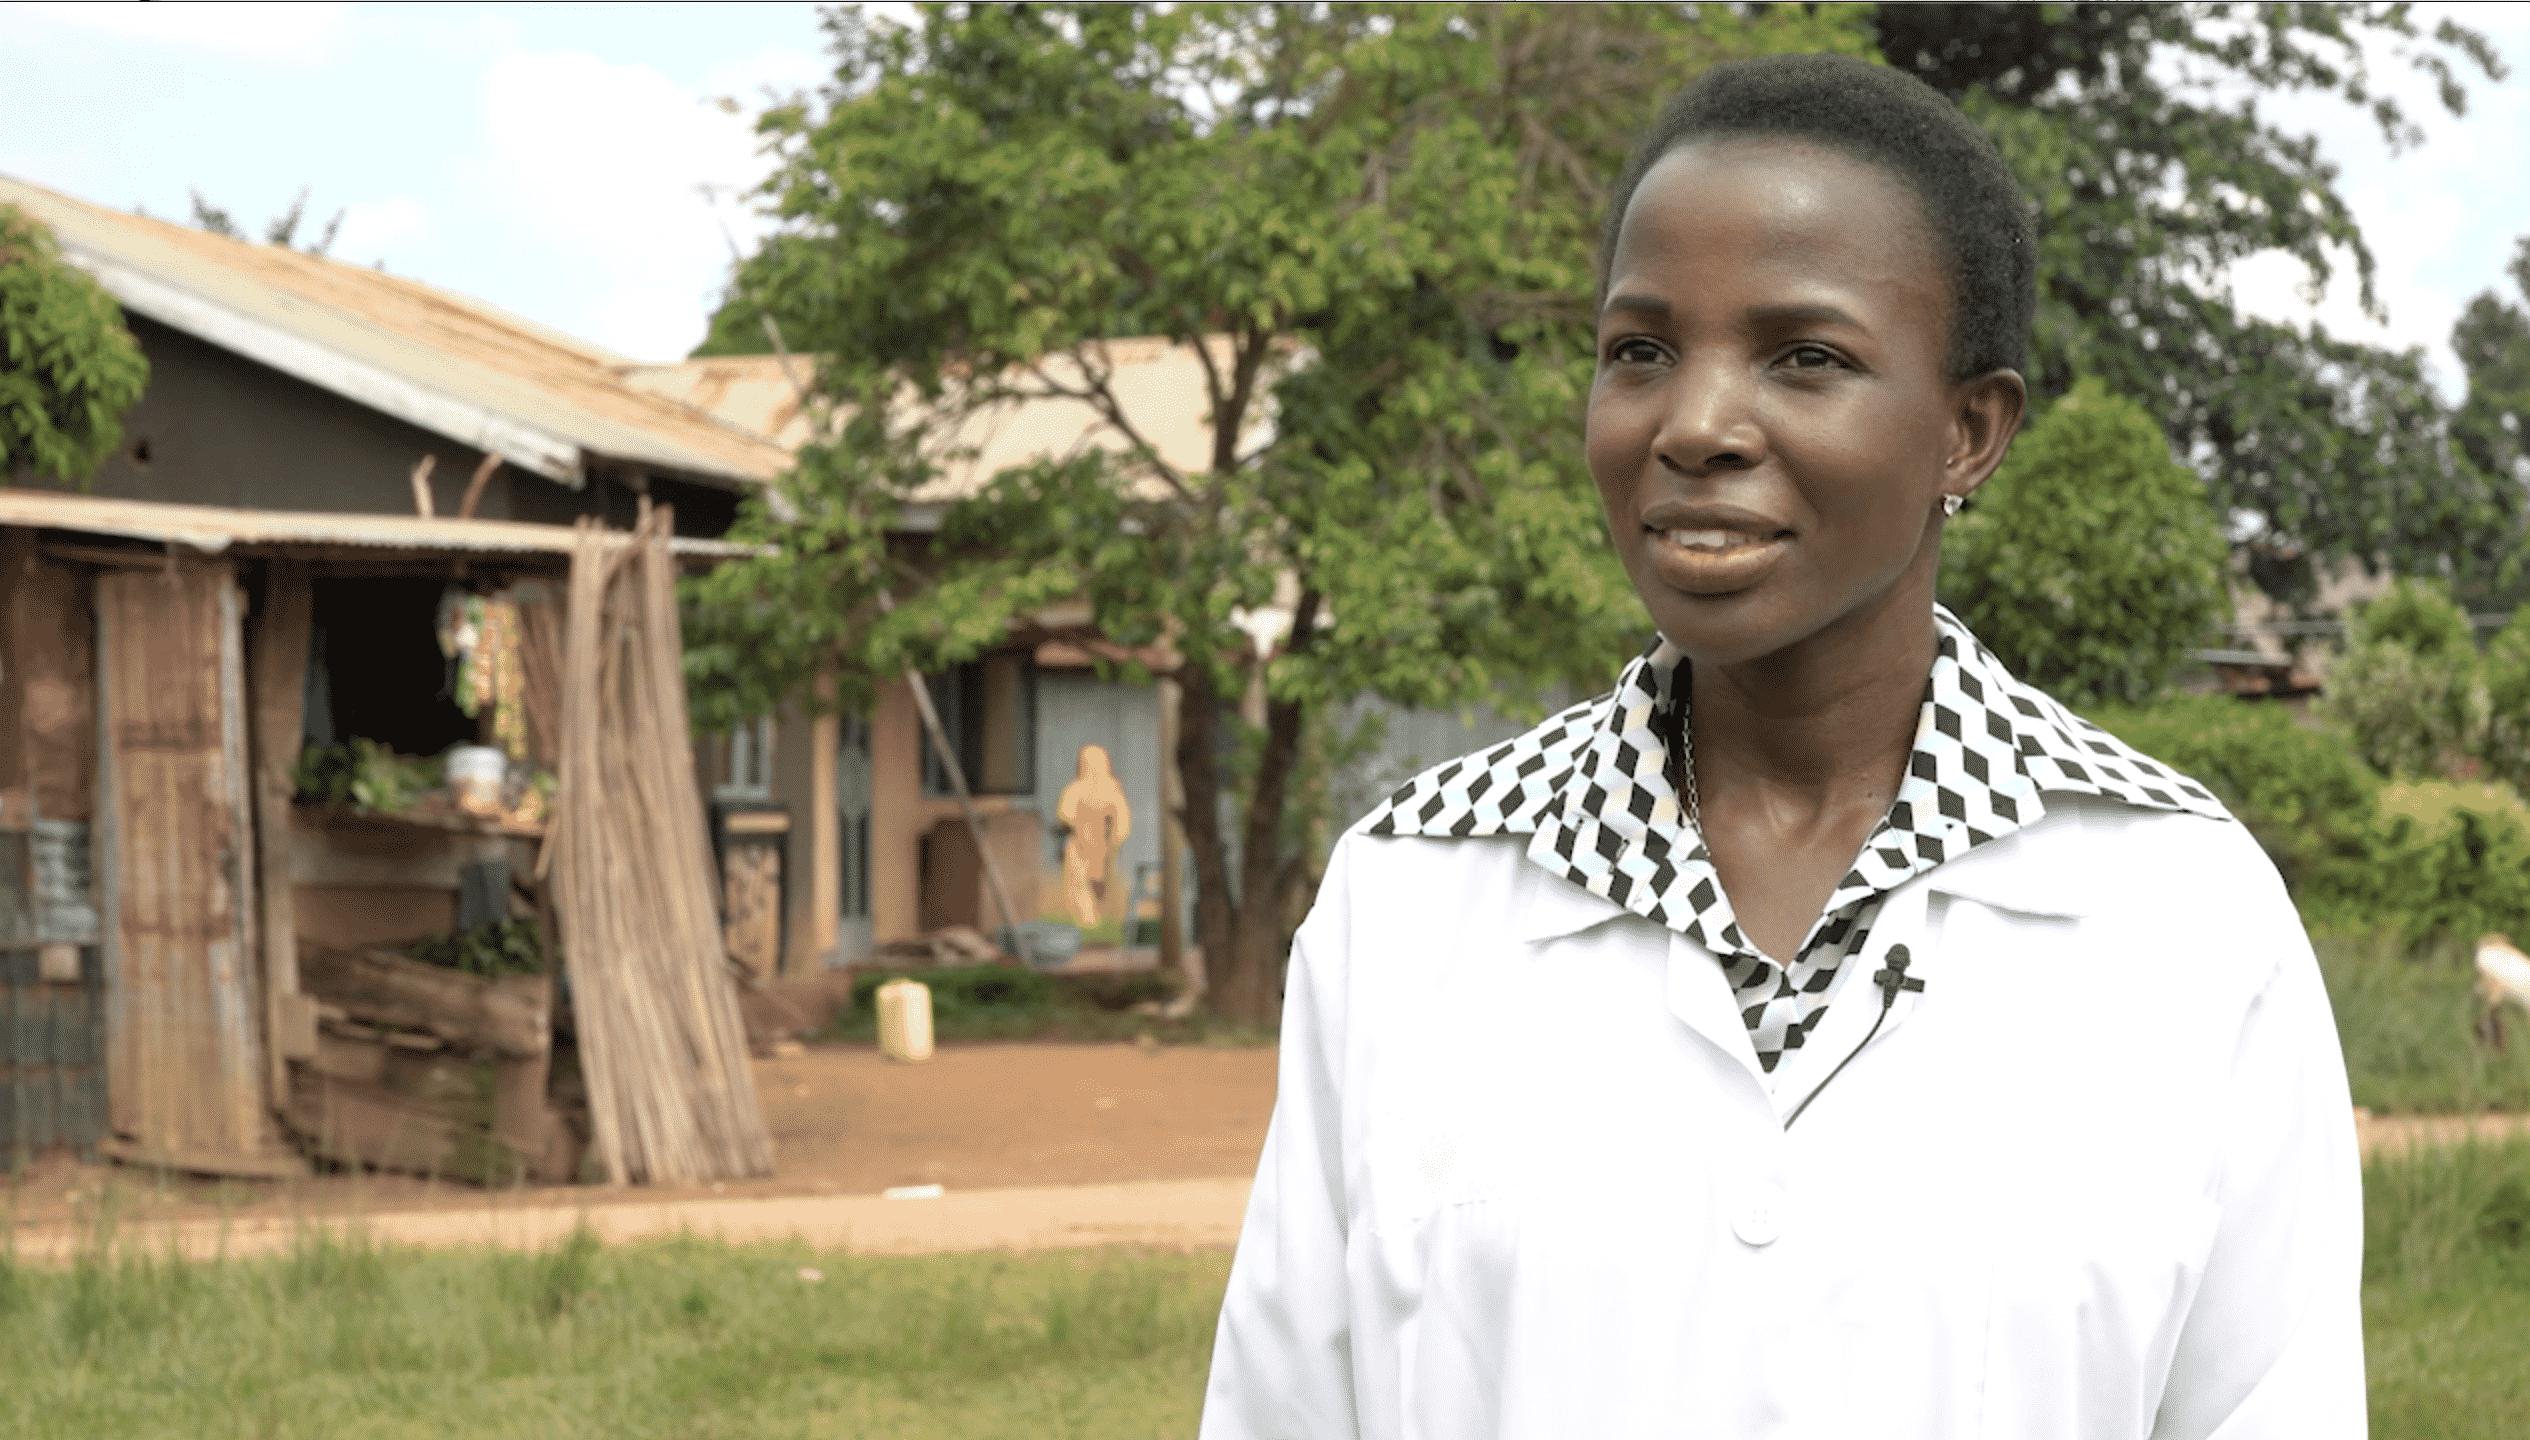 La doctora ugandesa Irene Kyamummi, obtiene el Premio Harambee 2020 por su proyecto CHEP